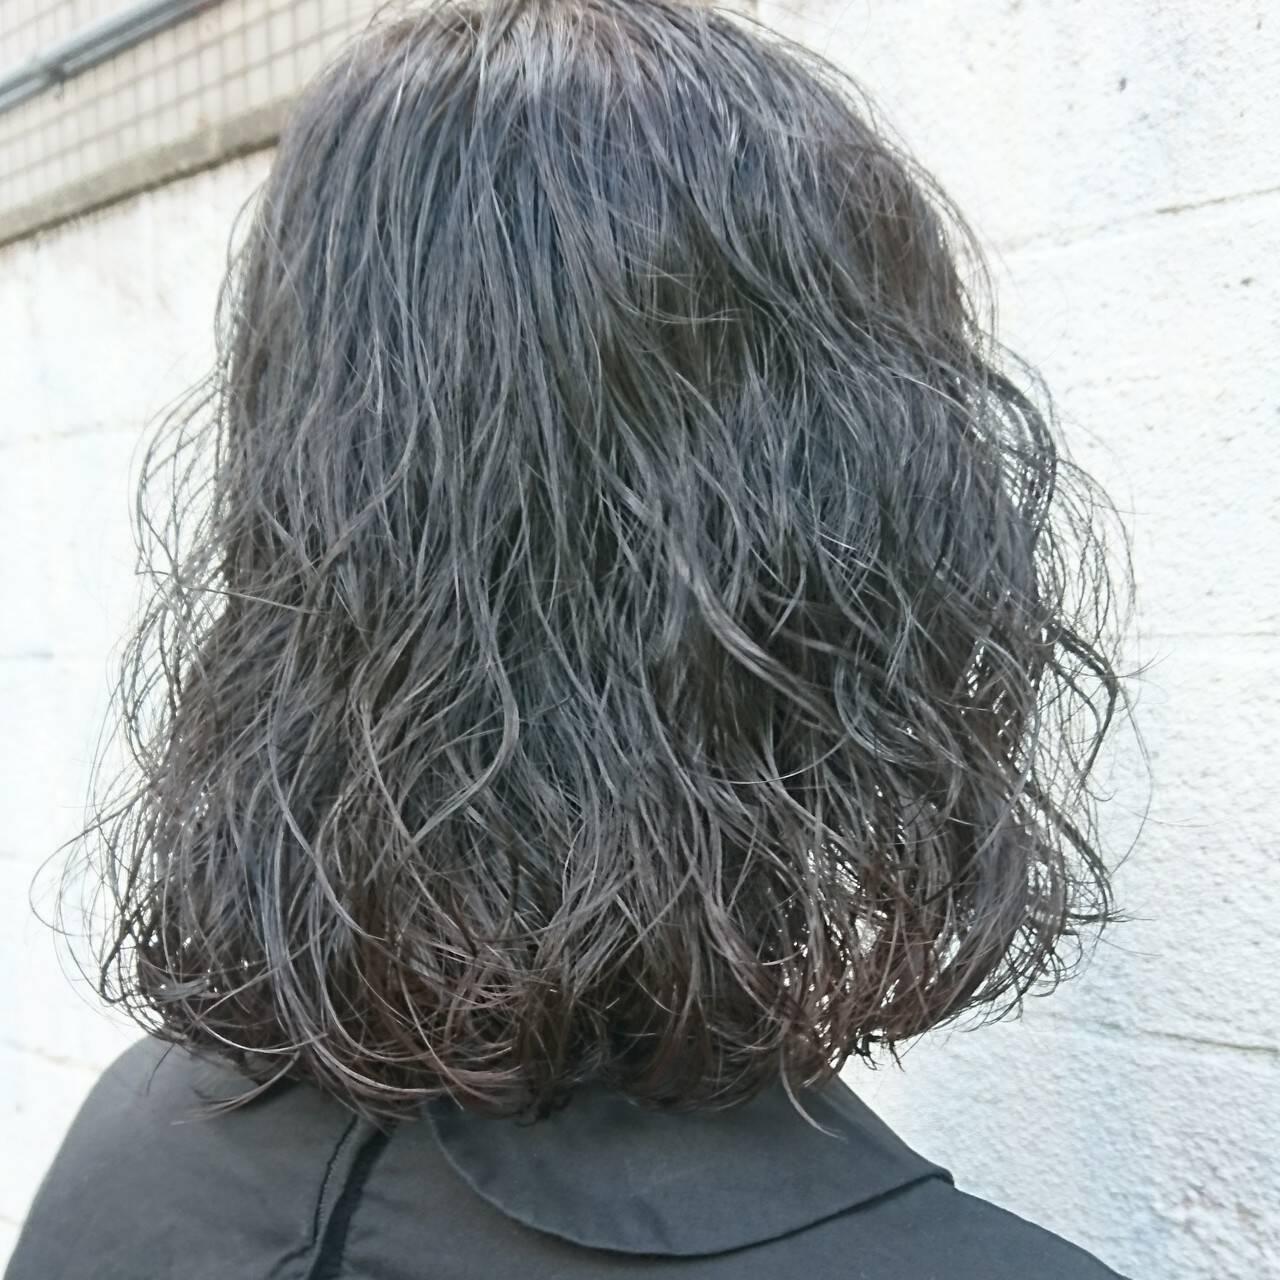 ボブ 切りっぱなし ニュアンス ブルージュヘアスタイルや髪型の写真・画像